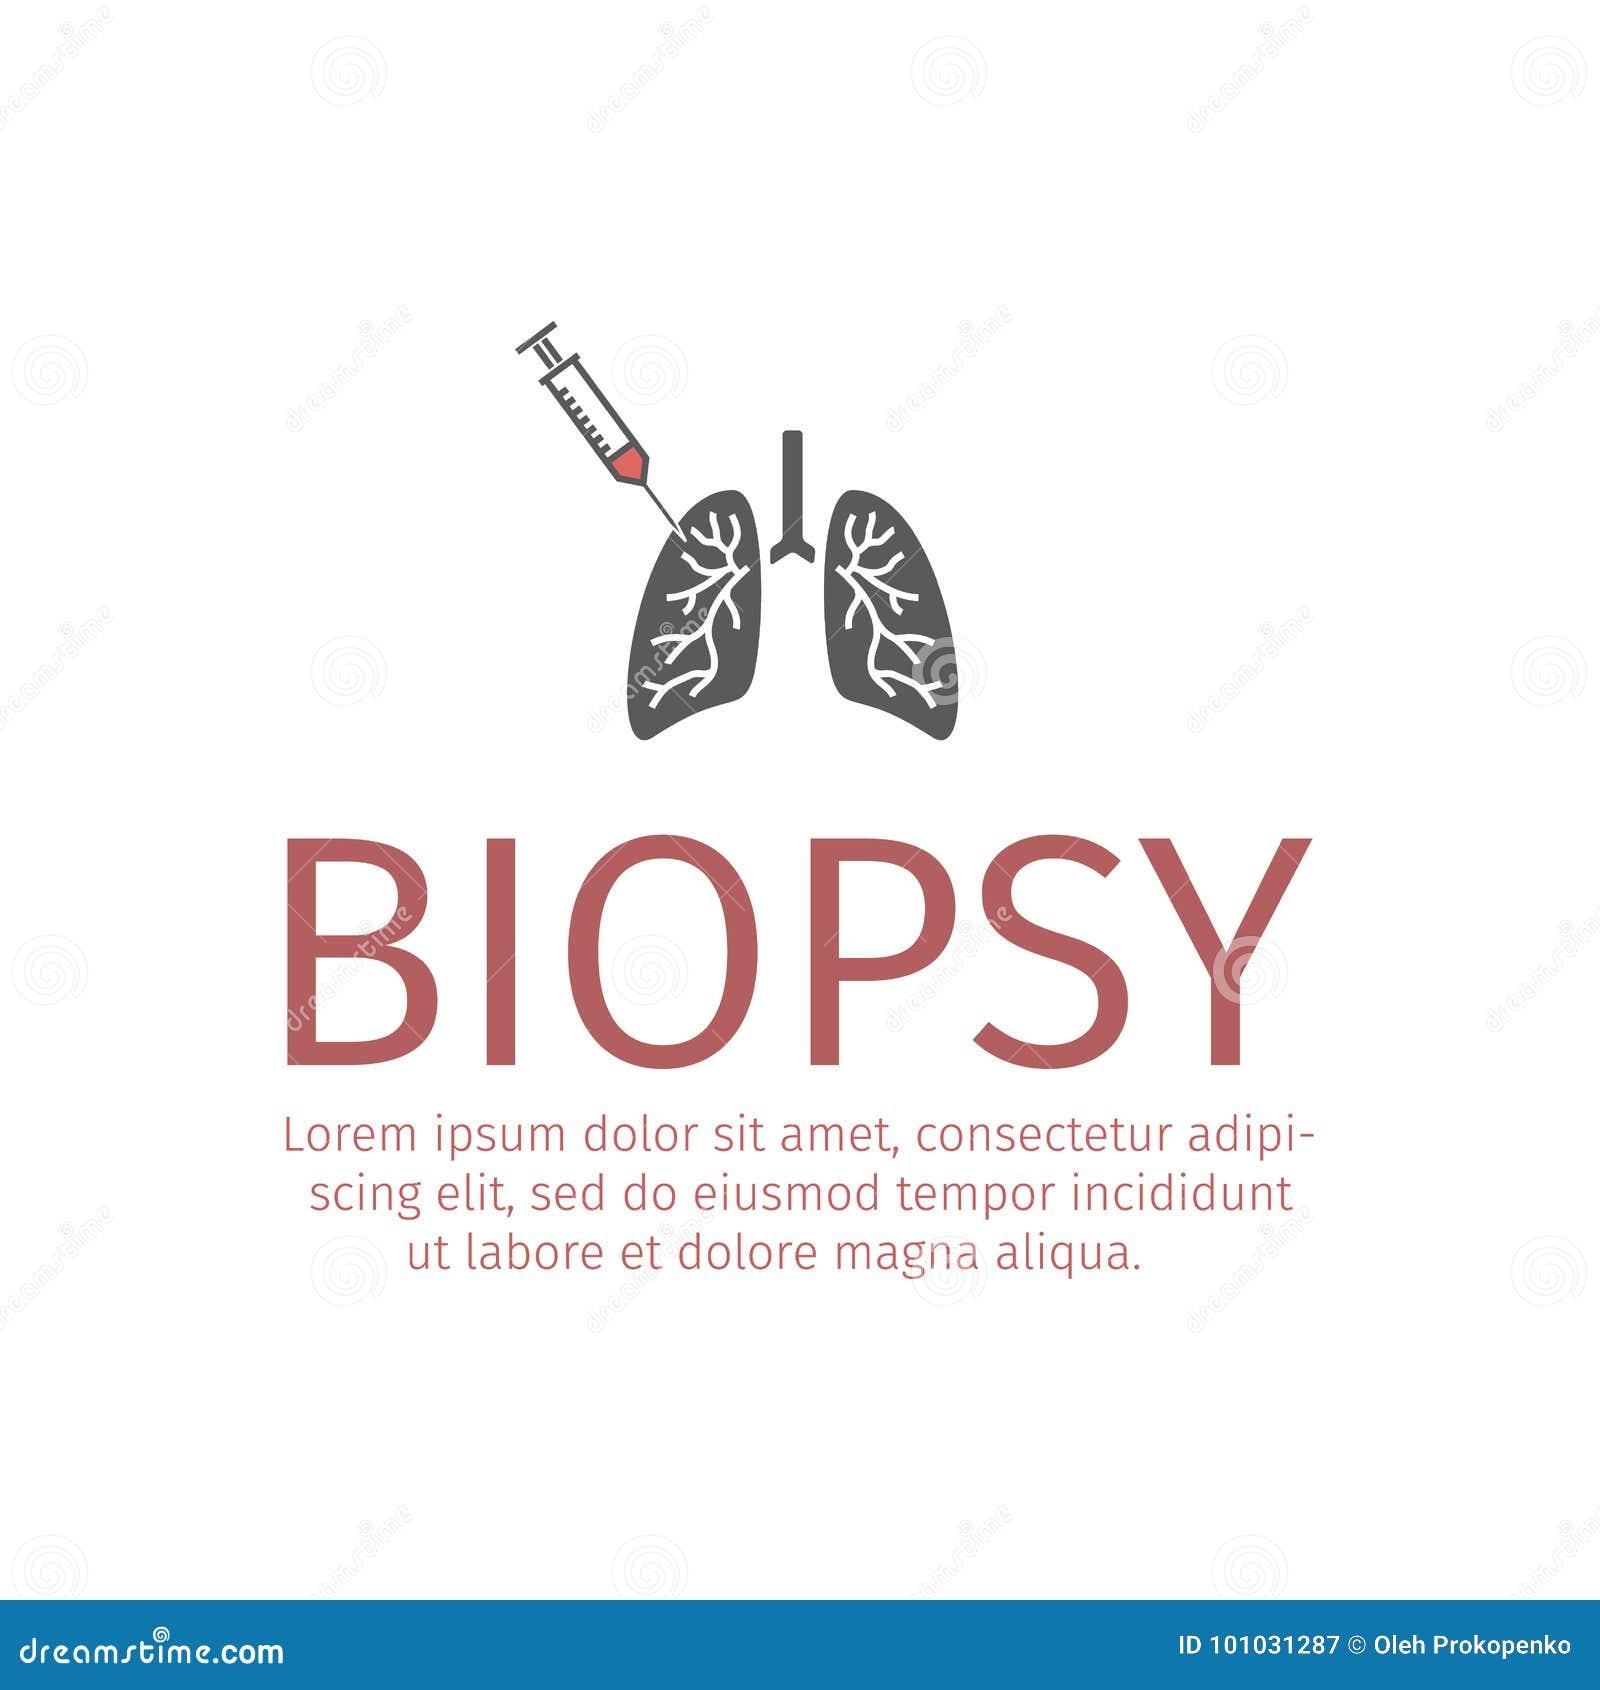 Lungen biopsieren flache Ikone